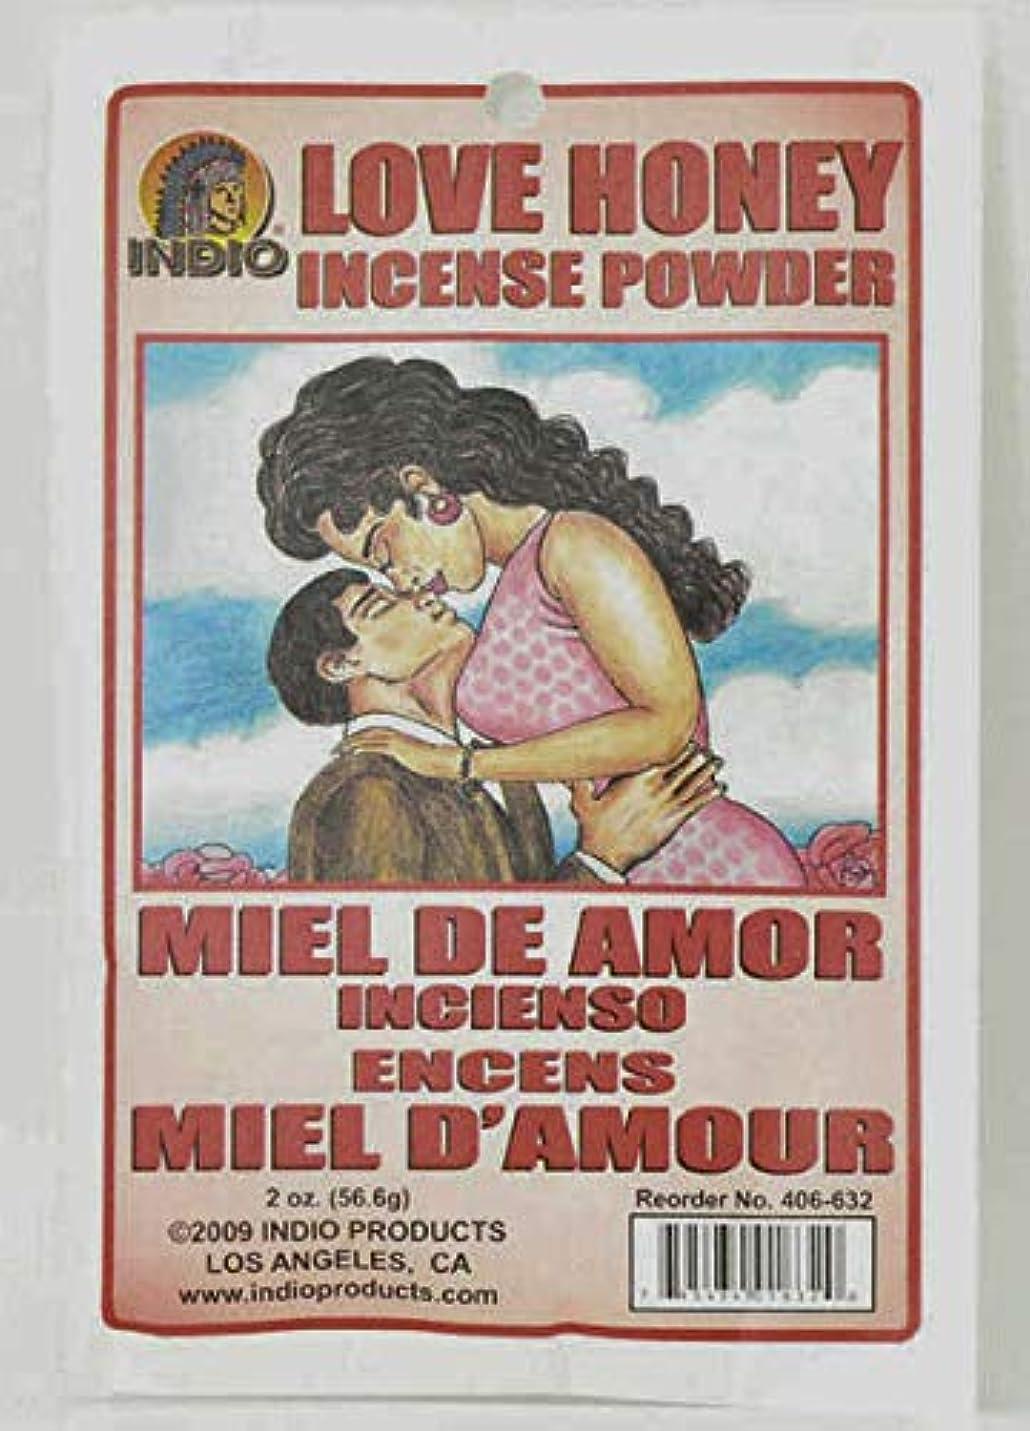 つかの間窒息させる侮辱Love Honey Incense Powder – Miel de Amor Incienso Encens Miel dの世紀からハイビスカス柄Express